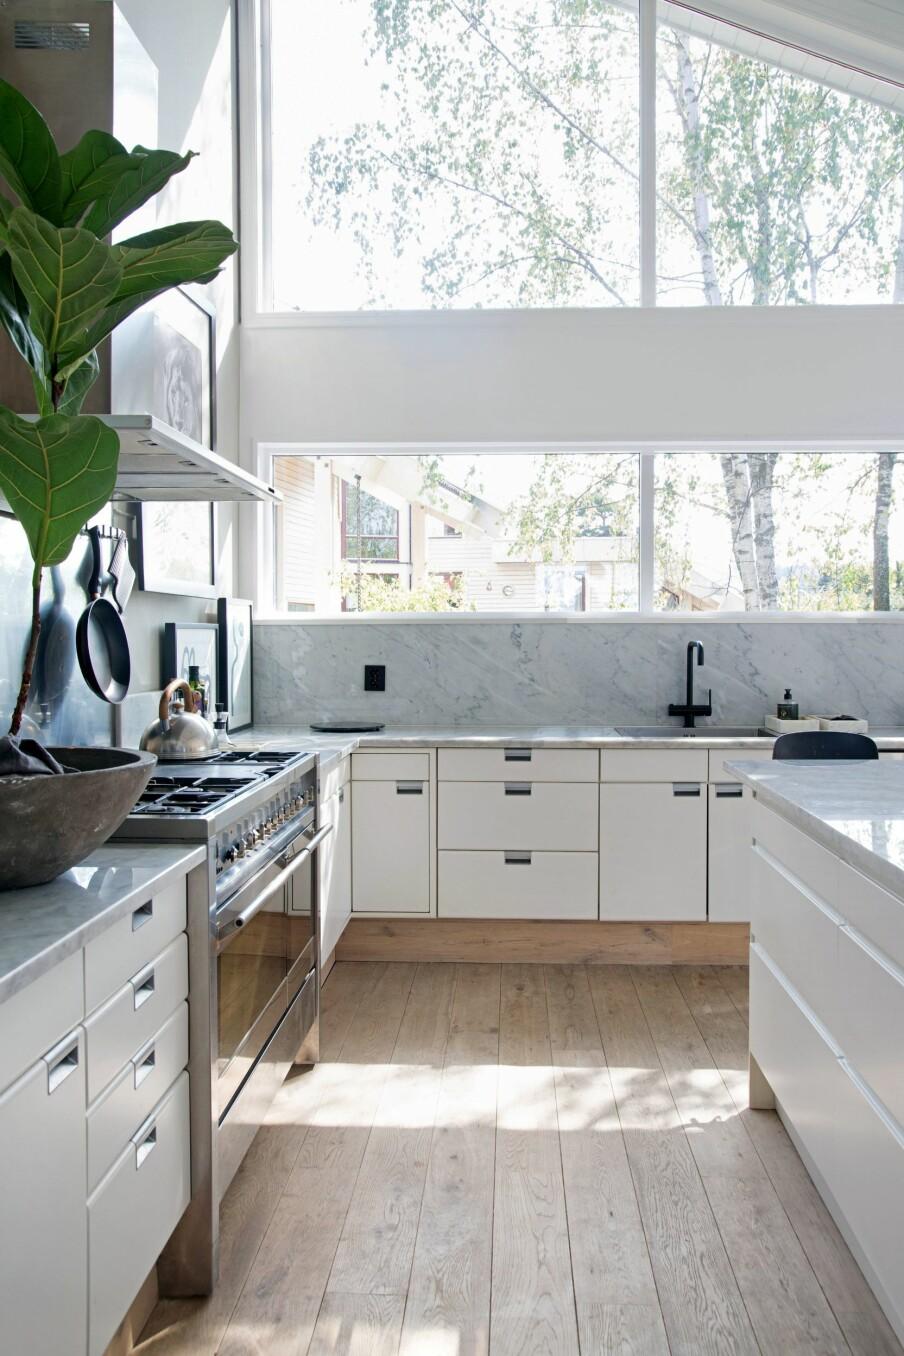 SMÅ GREP: Den hvite kjøkkeninnredningen er fra Poggenpohl, og var allerede installert da Drillestad flyttet inn. Senere har hun gjort små grep her og der. Gulvet er i lys eik.